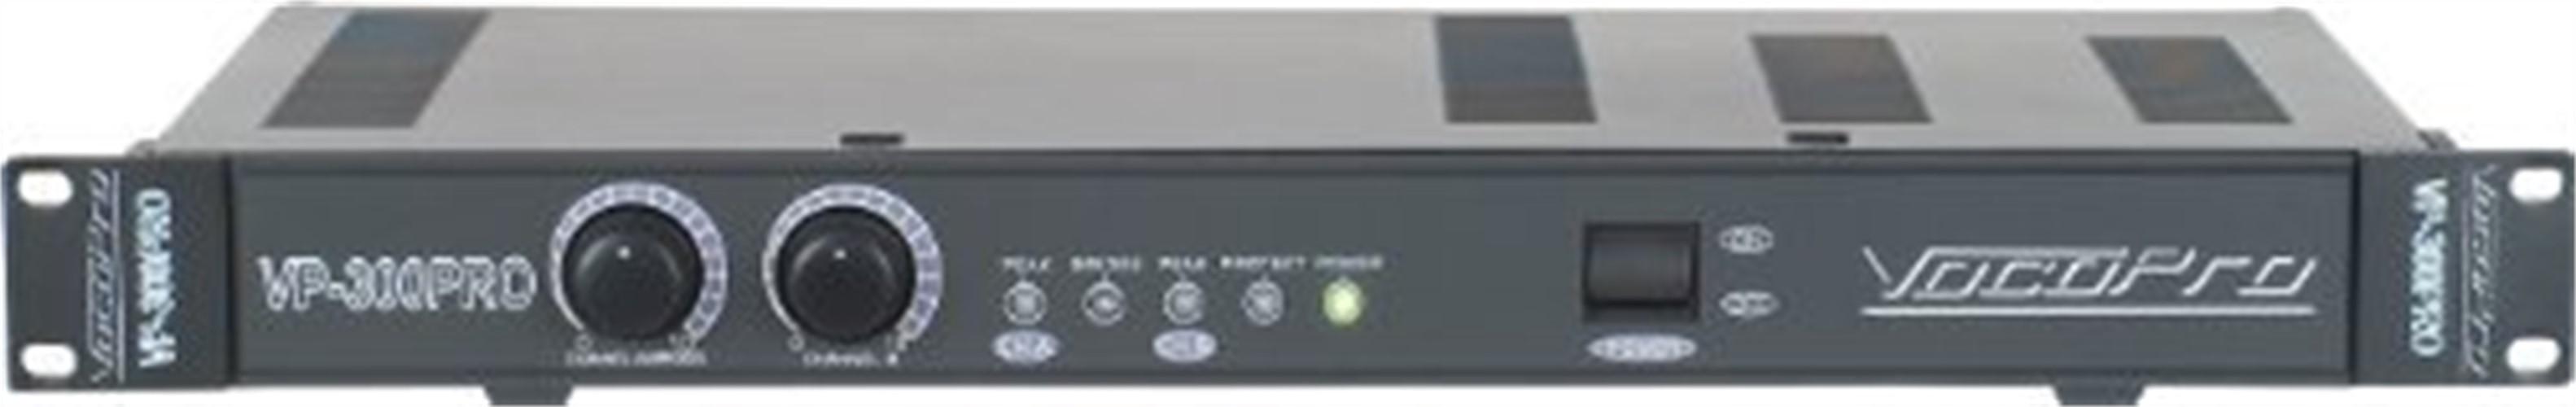 VocoPro 300W Professional Karaoke Power Amplifier by VocoPro